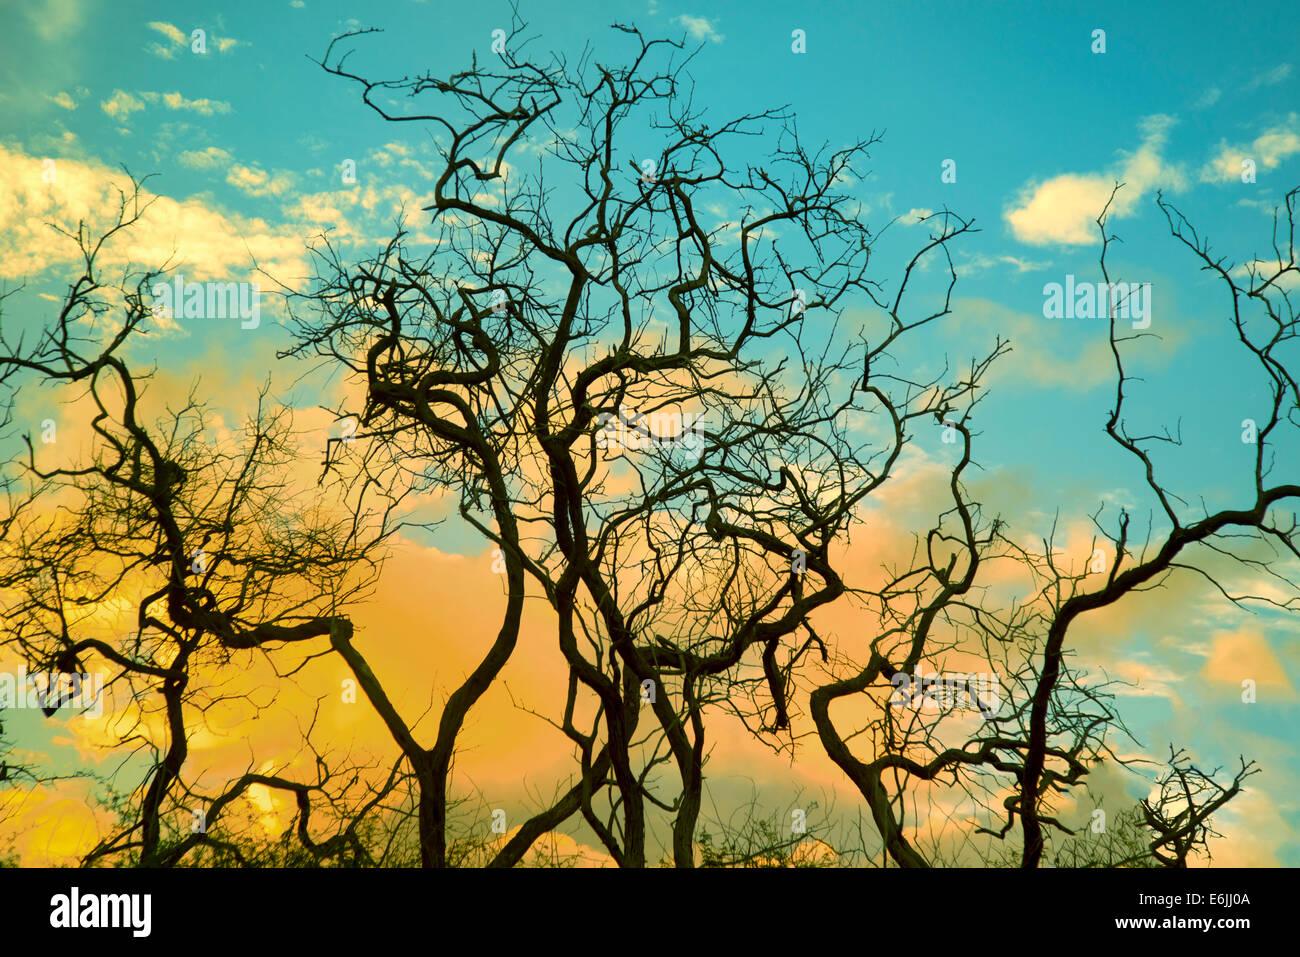 Siluetas de las ramas de los árboles y el amanecer. Lanai, Hawai. Imagen De Stock